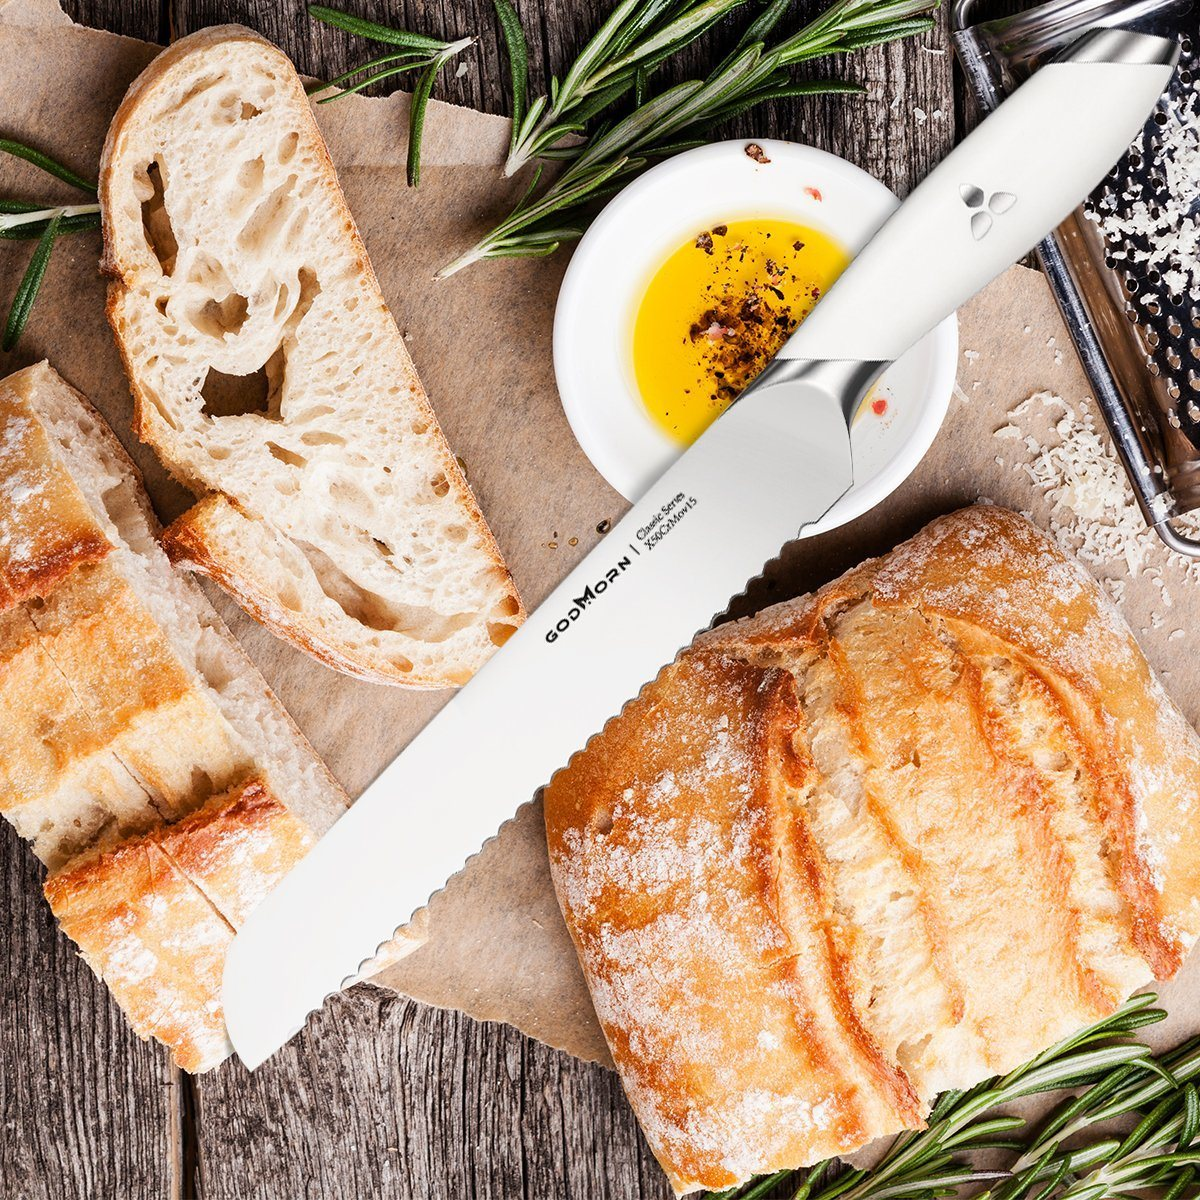 Brotmesser Test - Brotmesser mit dem Wellenschliff auf dem Schneidebrett